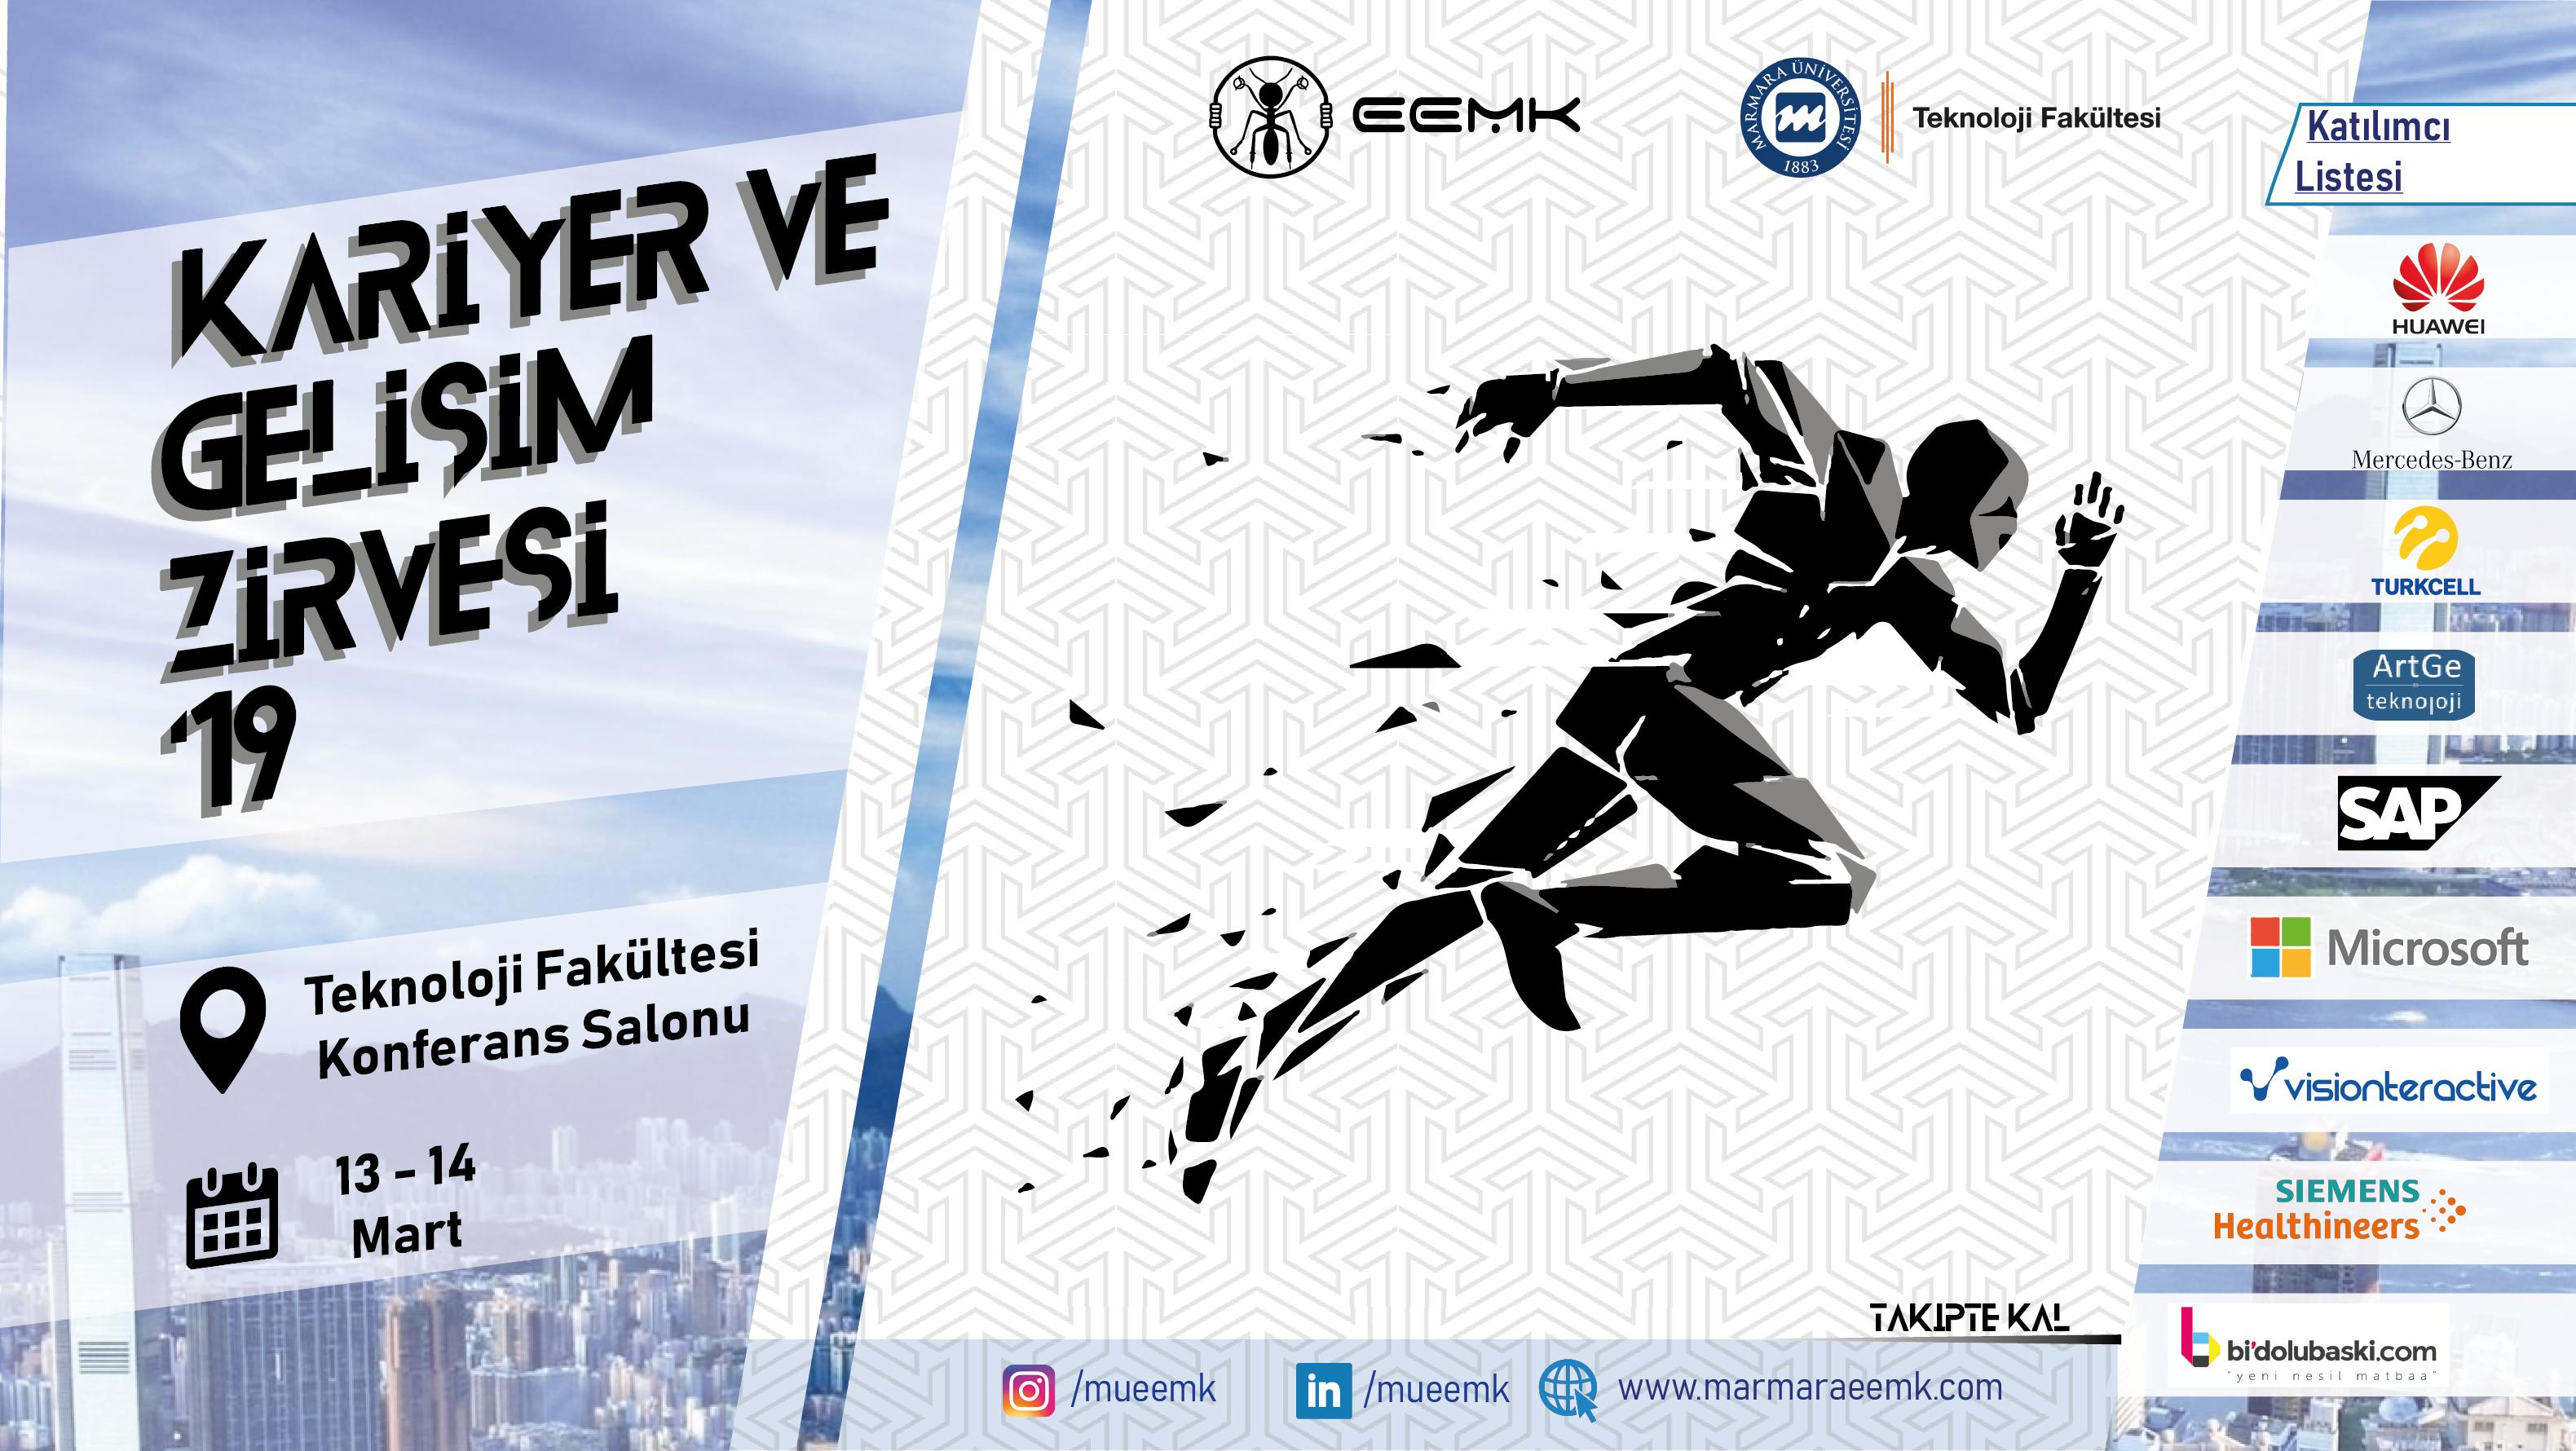 Öğrenci Kariyeri: 4. Kariyer ve Gelişim Zirvesi 13-14 Mart Tarihlerinde Marmara Üniversitesi Teknoloji Fakültesi'nde!